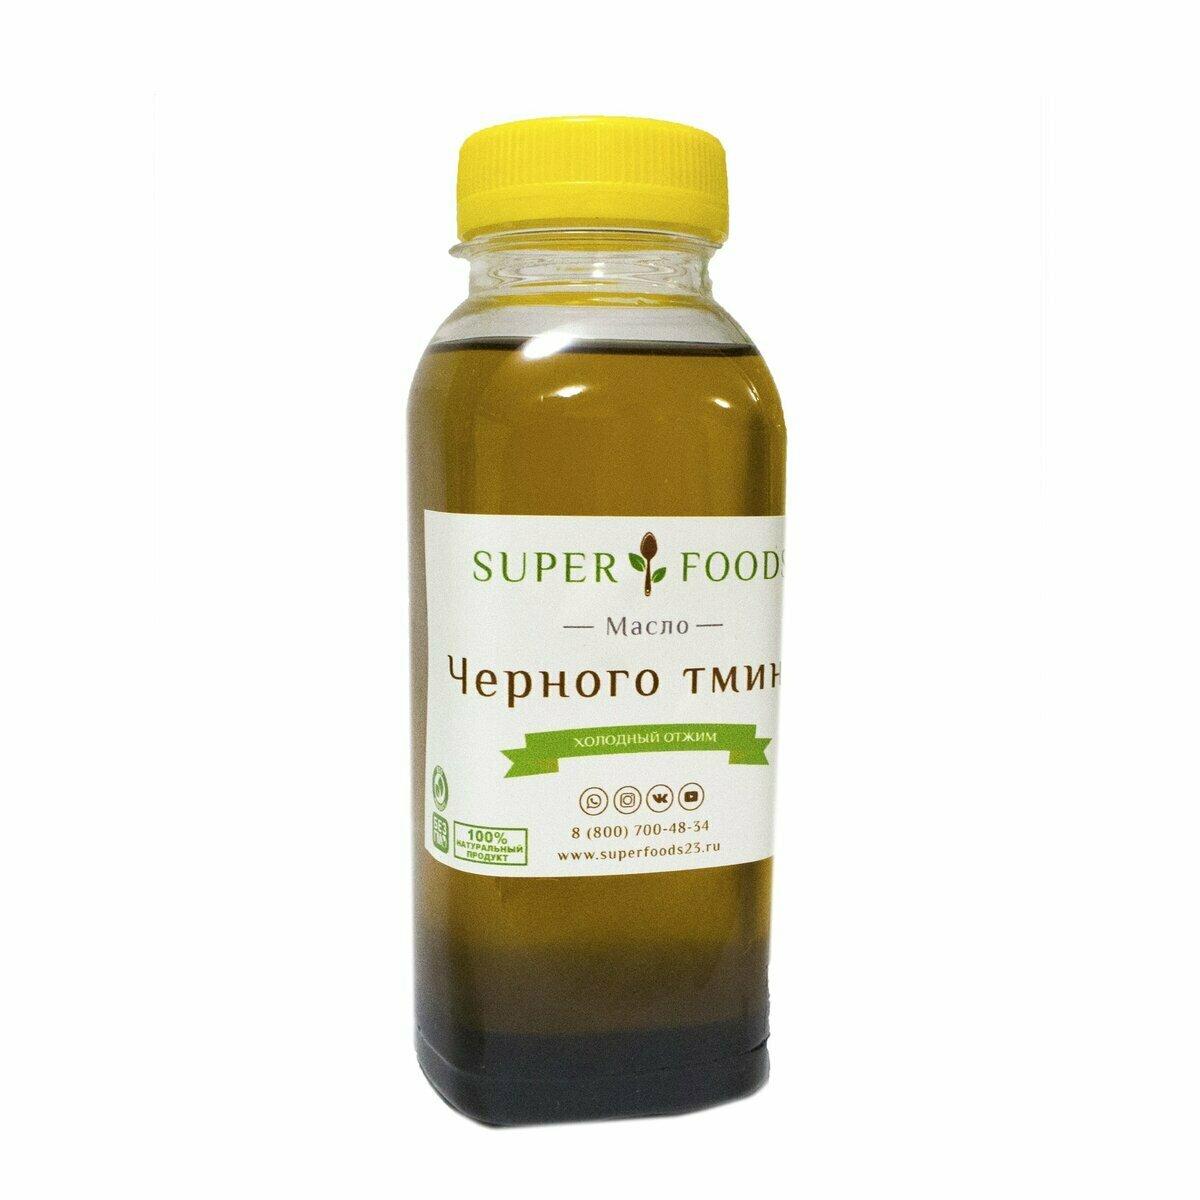 Амарантовое масло от гипертонии в Коломне